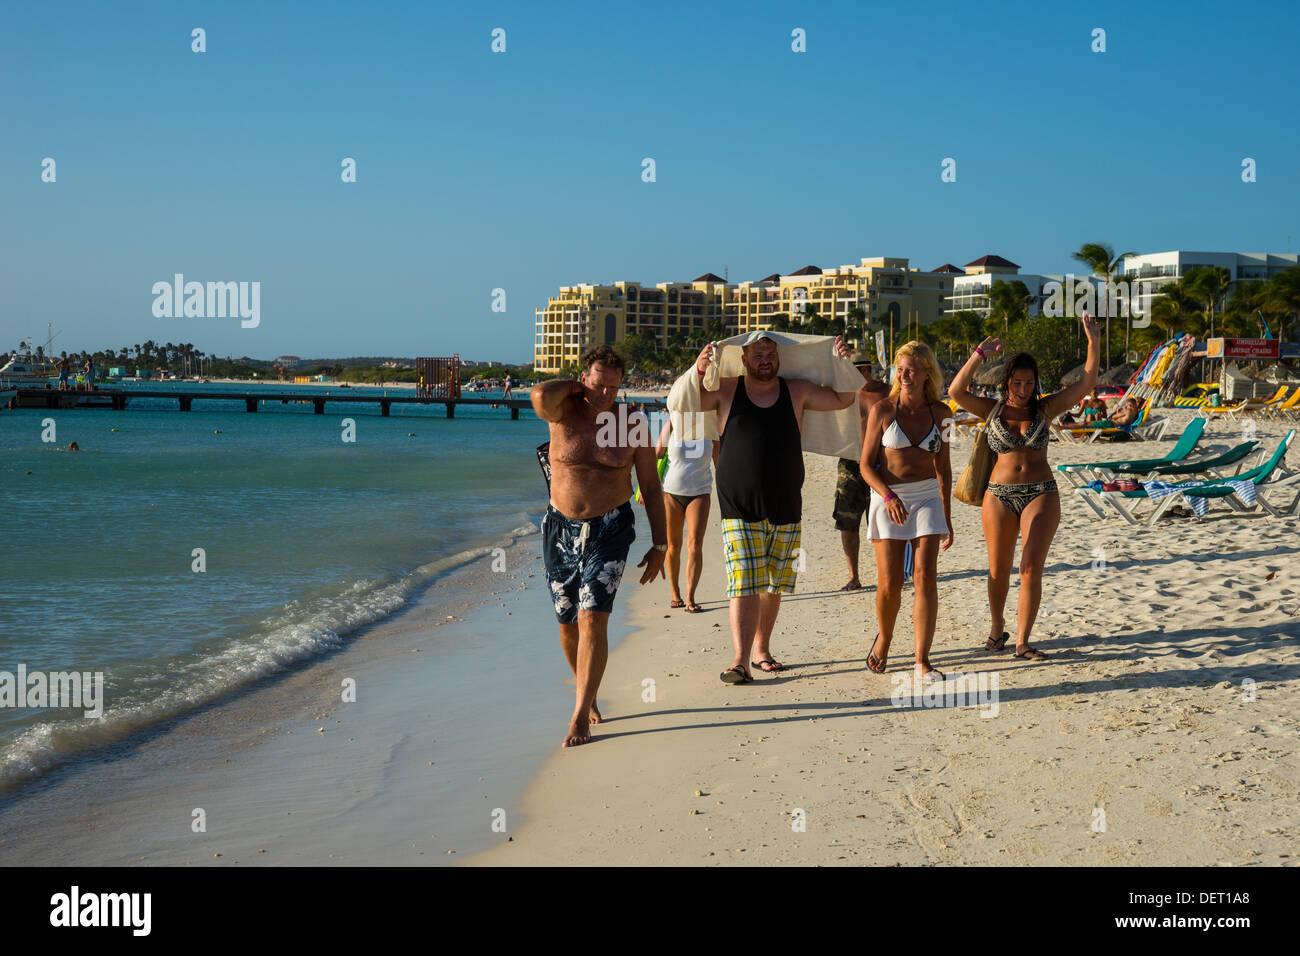 Palm Beach Aruba - Stock Image